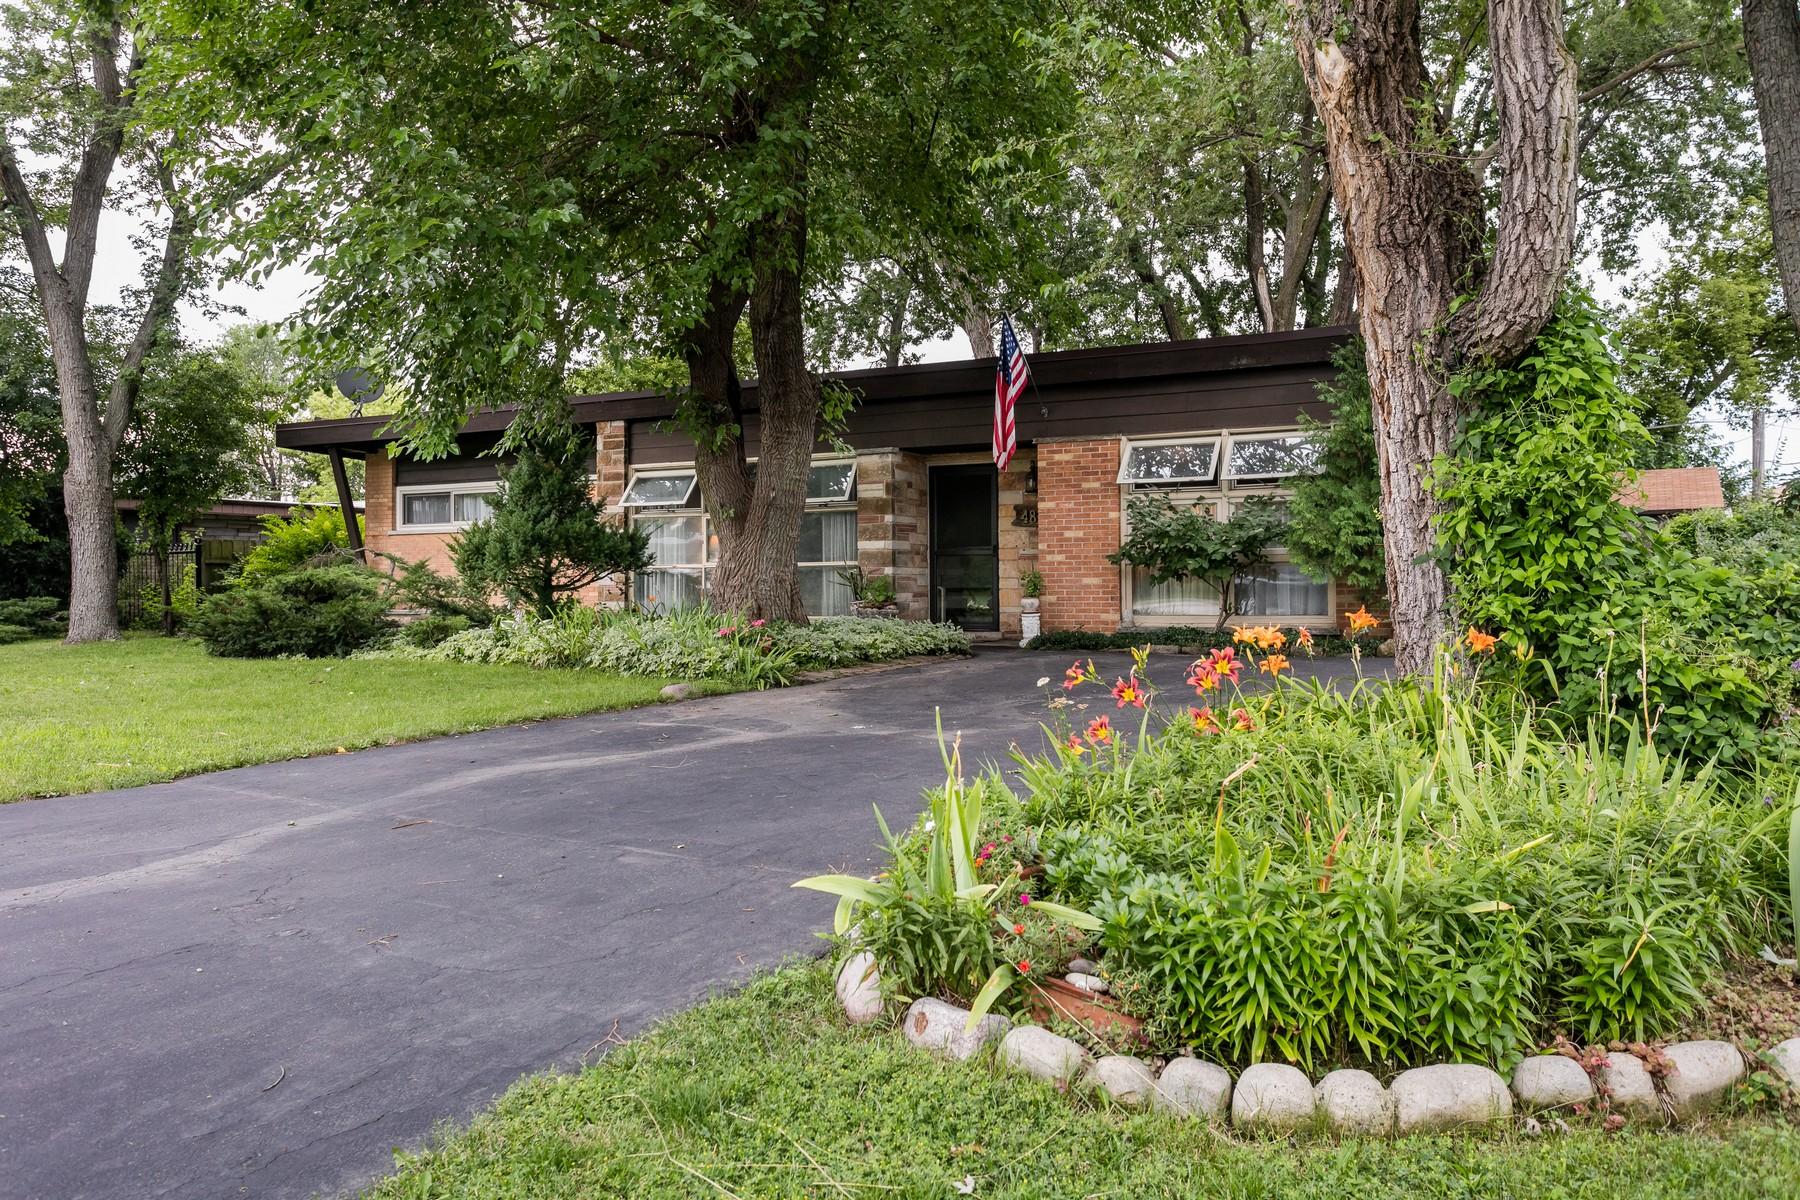 一戸建て のために 売買 アット Ranch Home in Norridge 4820 N Vine Avenue Norridge, イリノイ, 60706 アメリカ合衆国